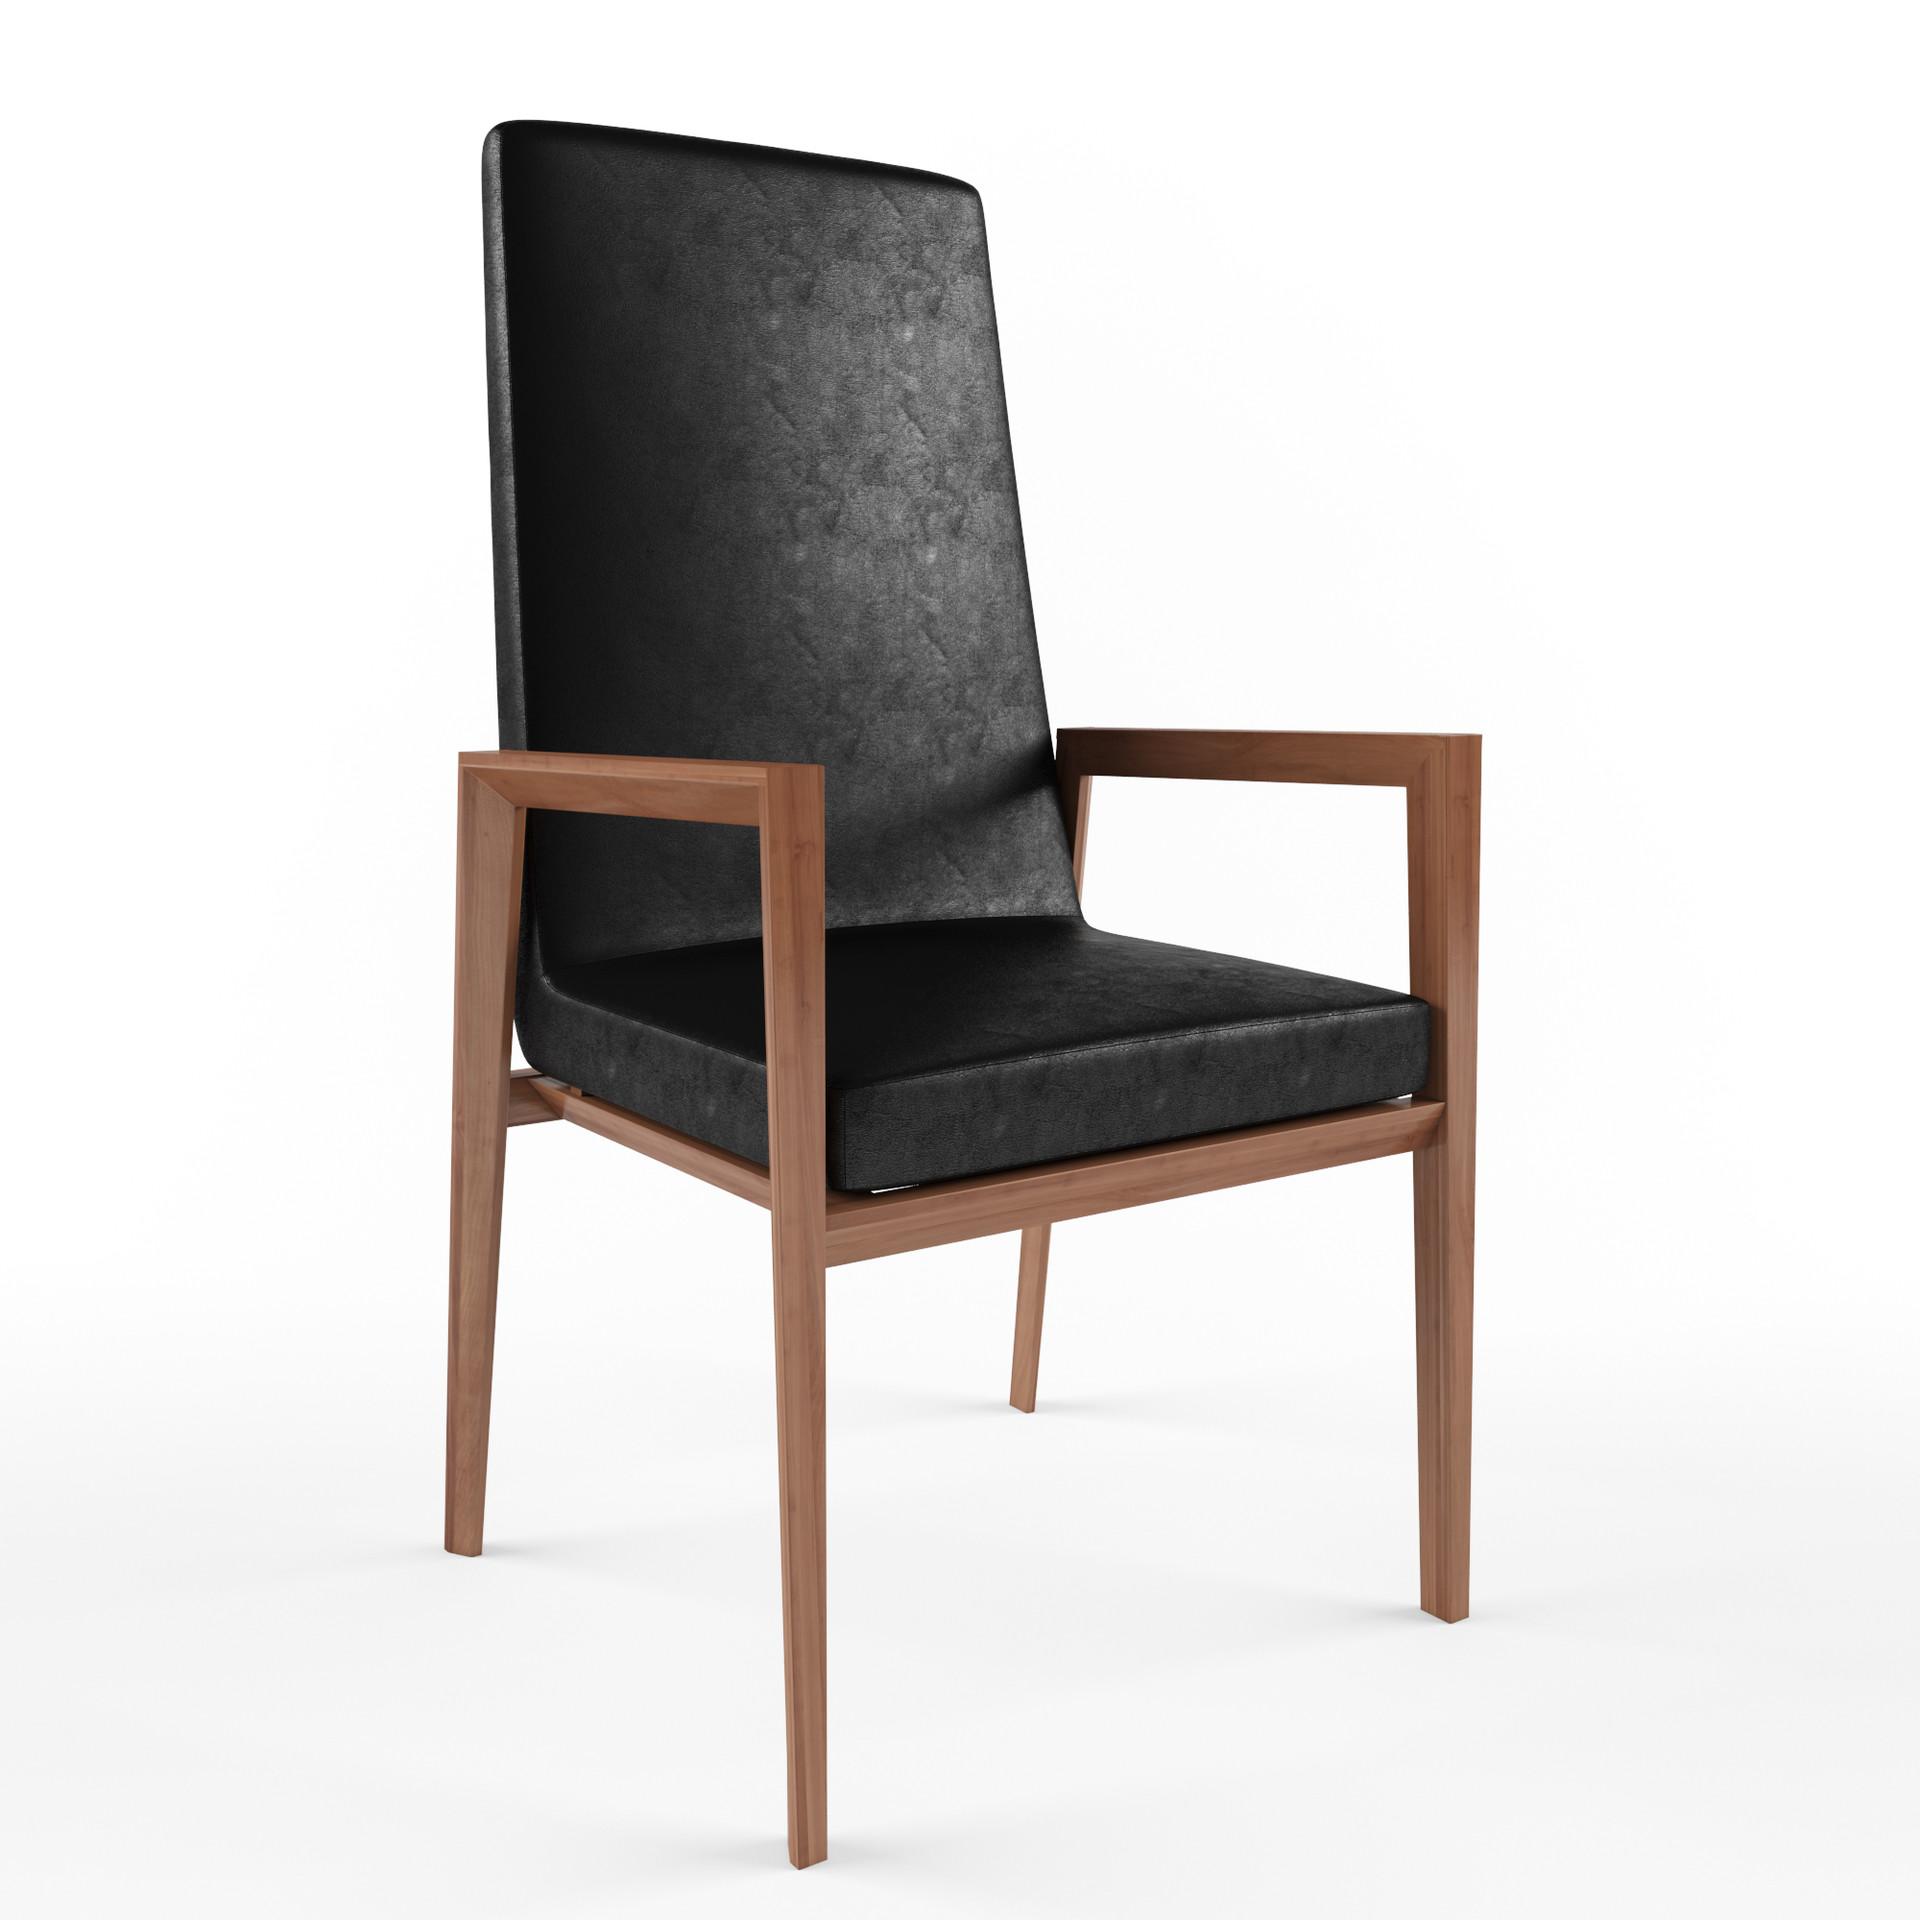 Pawel oleskow wizualizacja krzesla 1